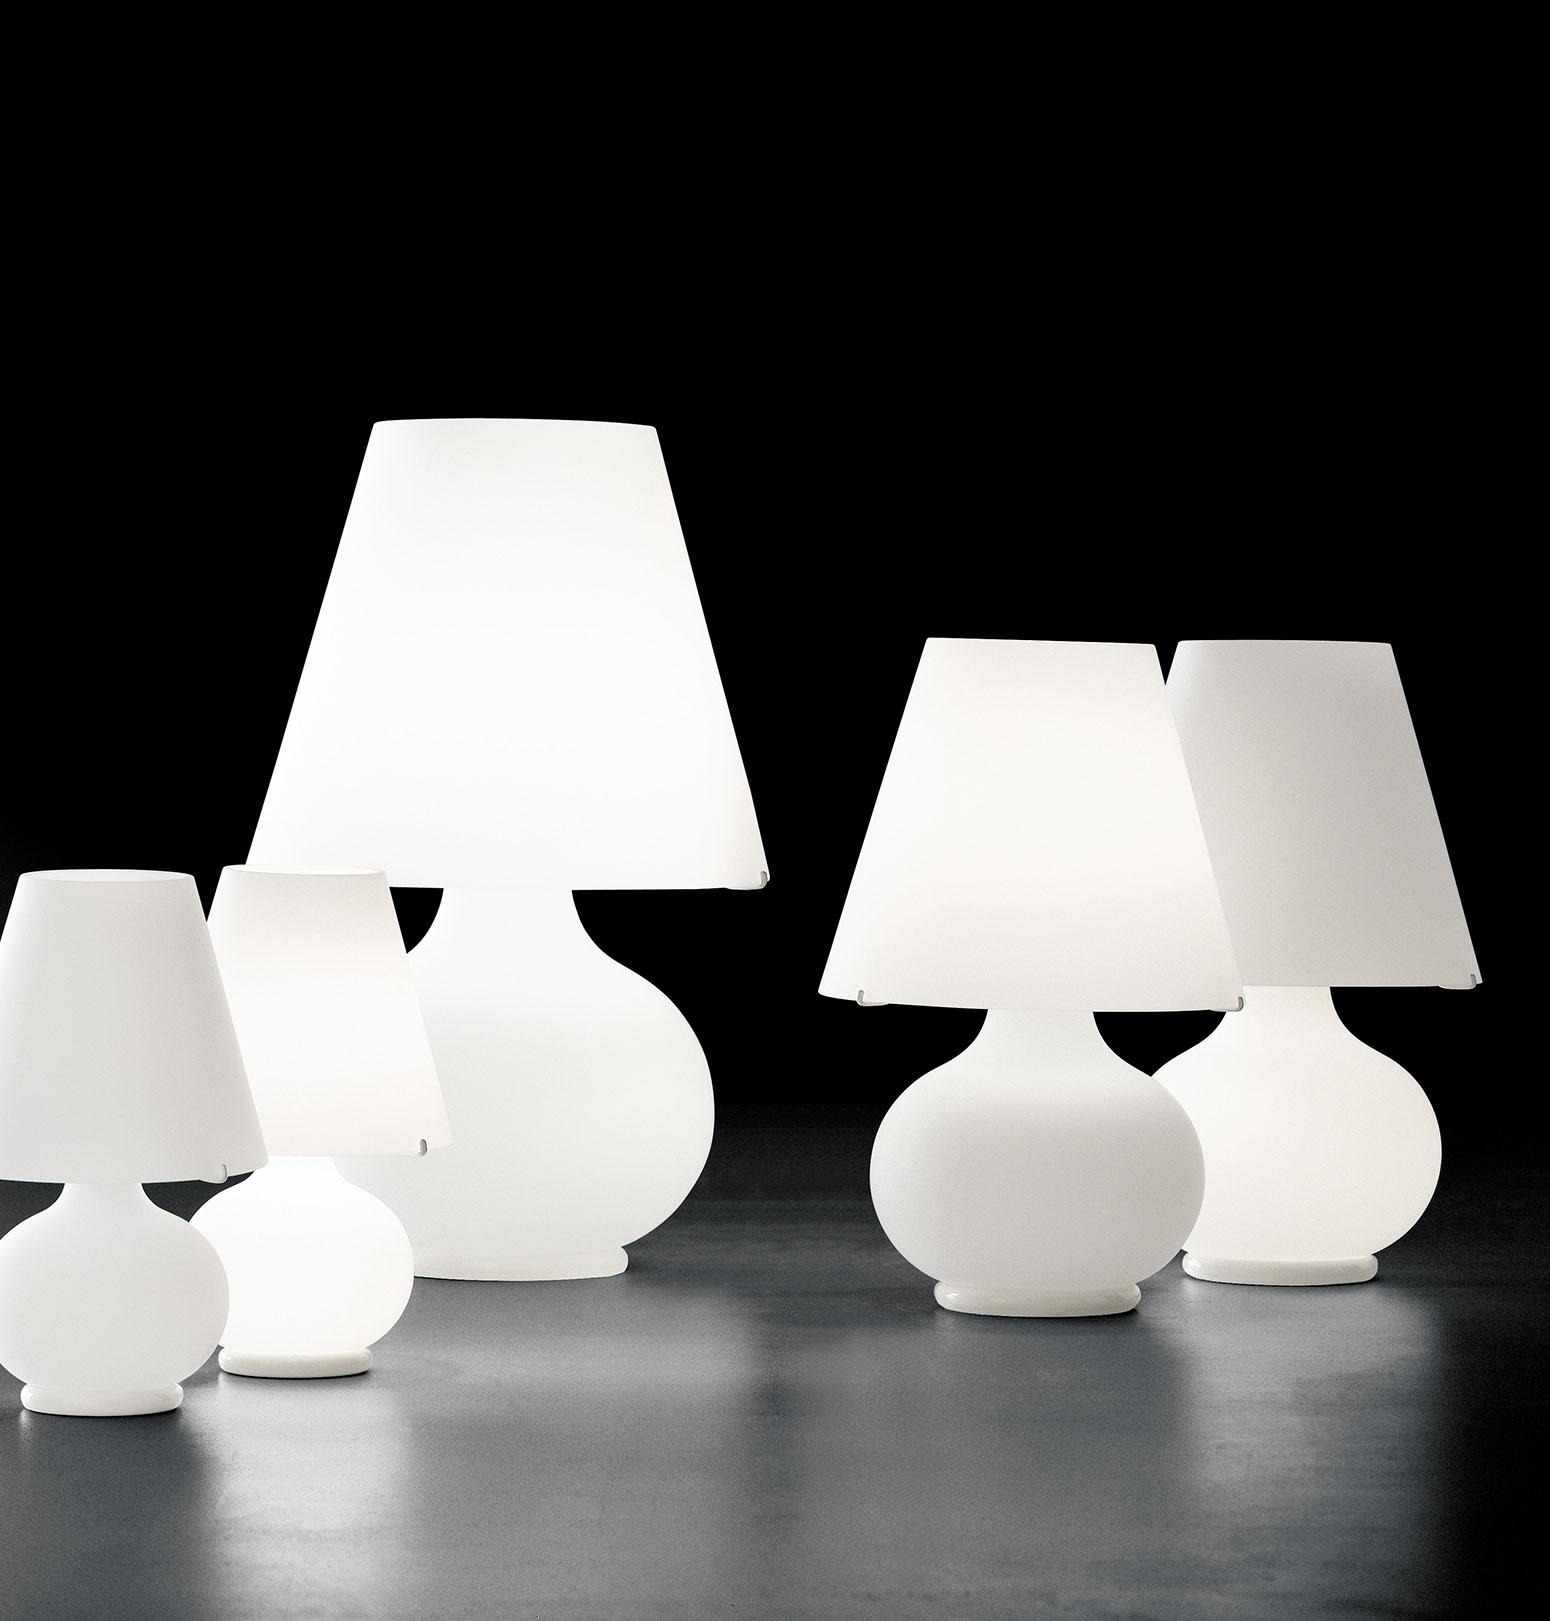 lampe poser en verre vente en ligne italy dream design. Black Bedroom Furniture Sets. Home Design Ideas